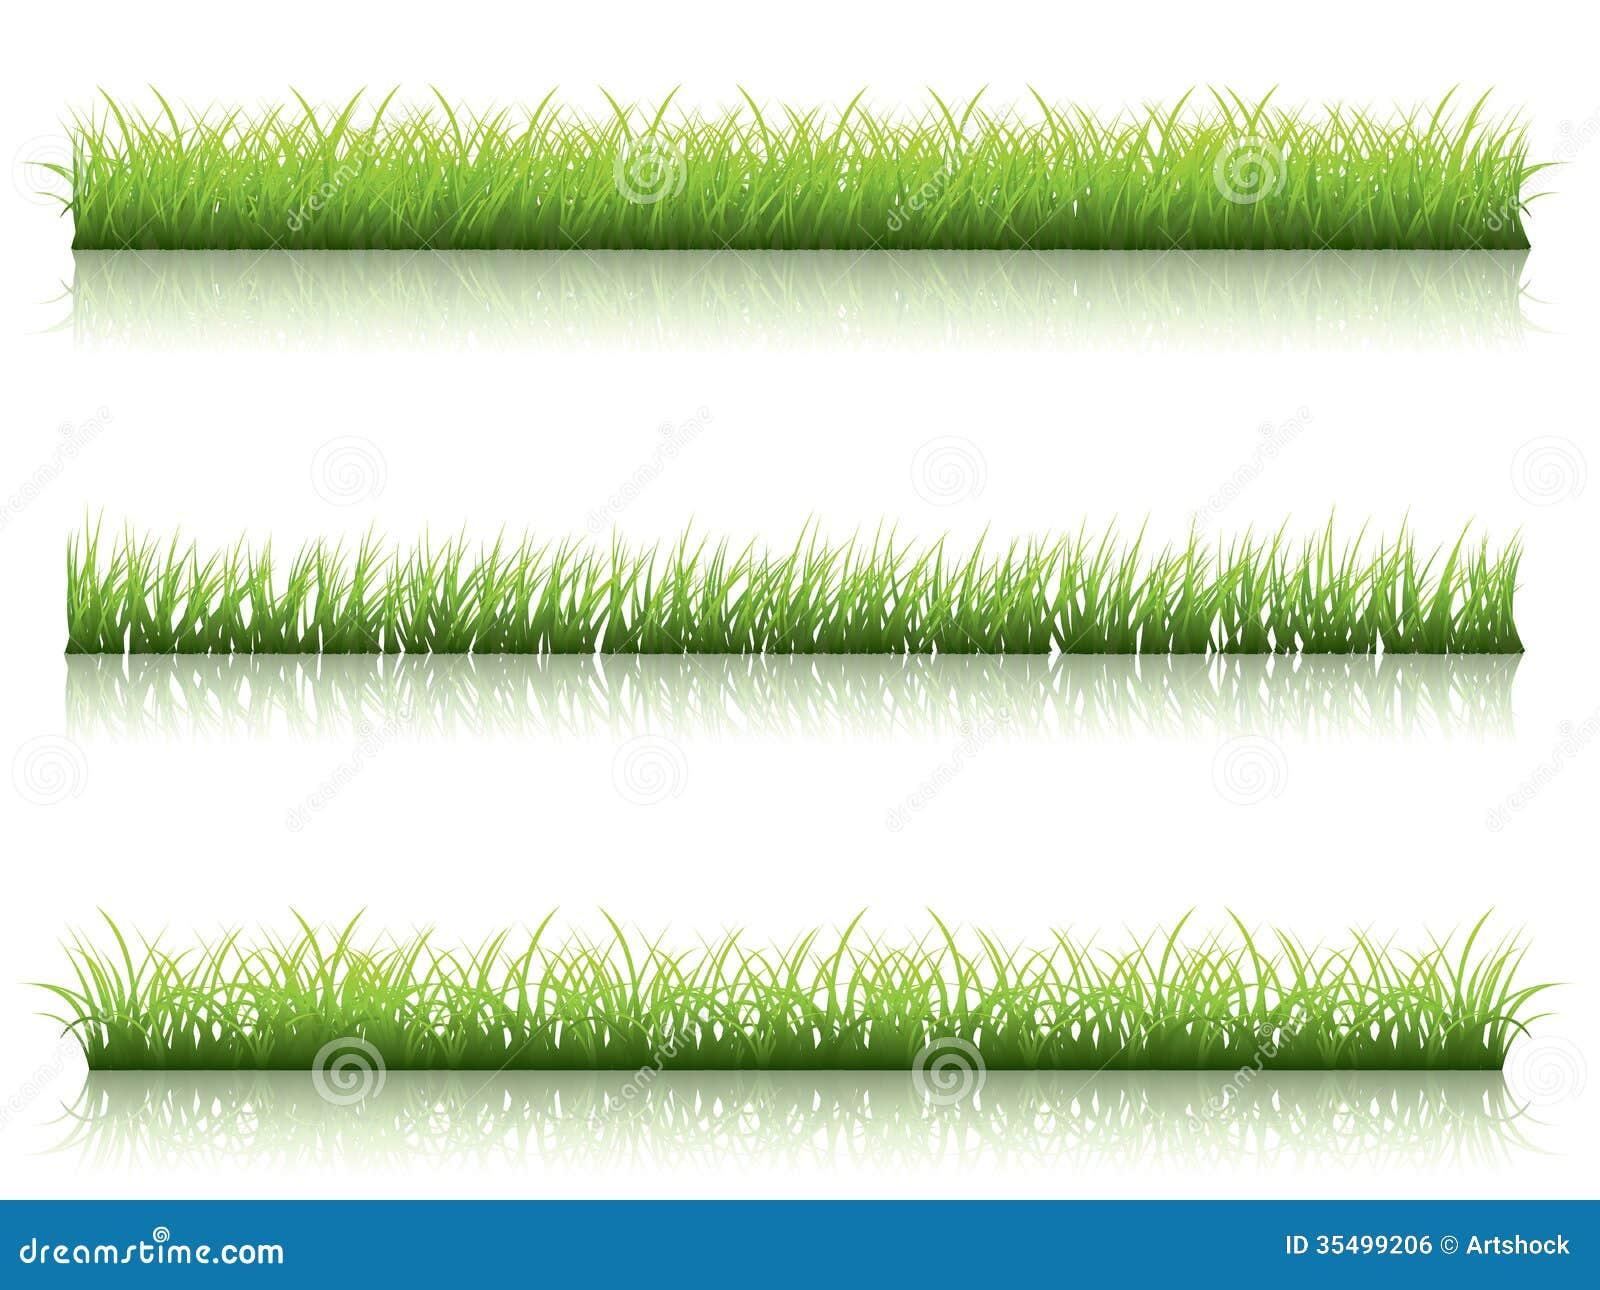 Green grass line